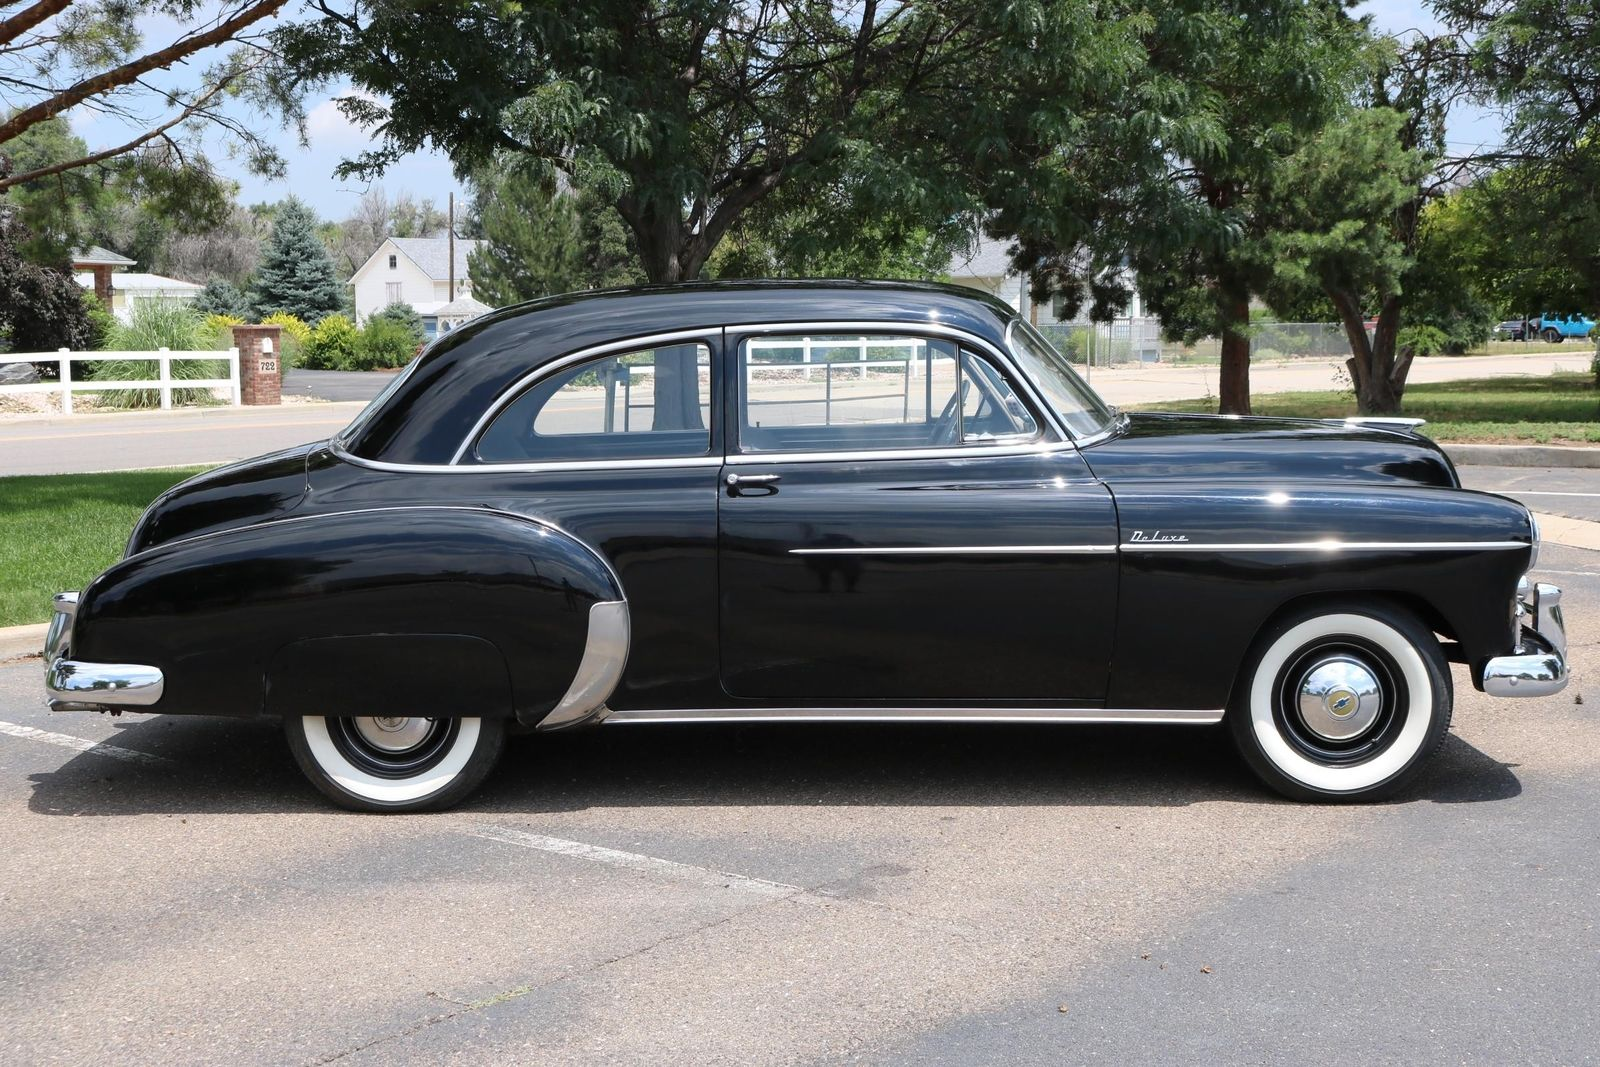 Great 1950 Chevrolet Deluxe 2 Door 1950 Chevrolet Deluxe -2 Door – 235 CI  Inline 6 – Power Glide Automatic 2018